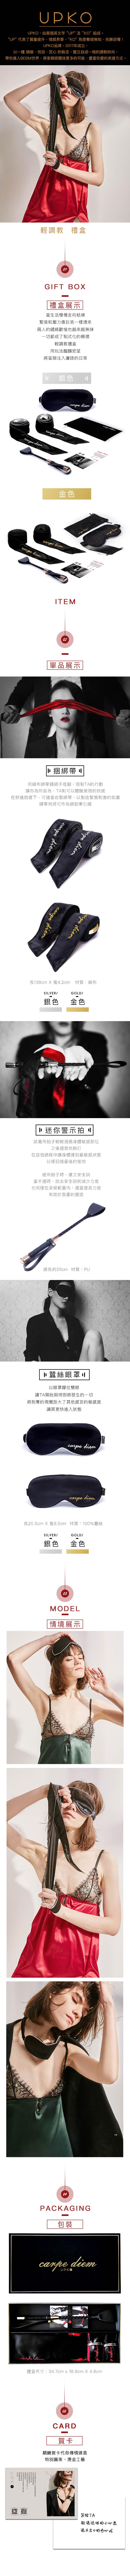 束縛帶 眼罩